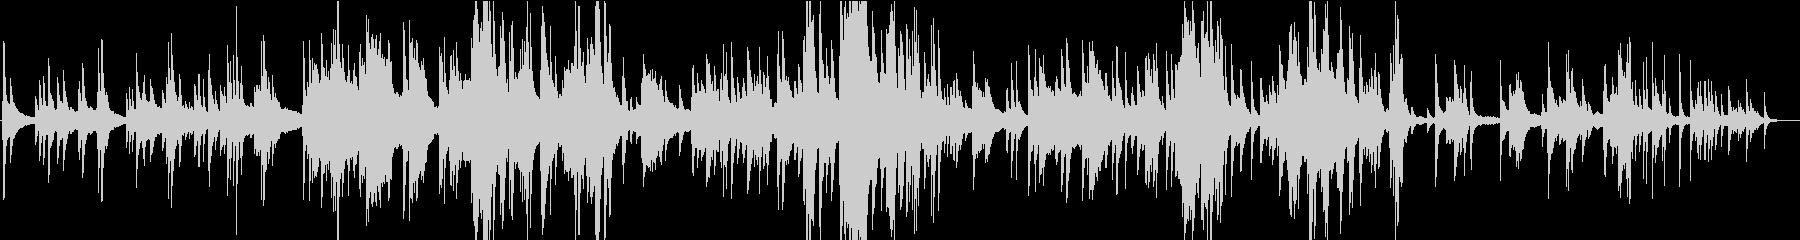 ソロピアノ。エレガントでシンプル、...の未再生の波形